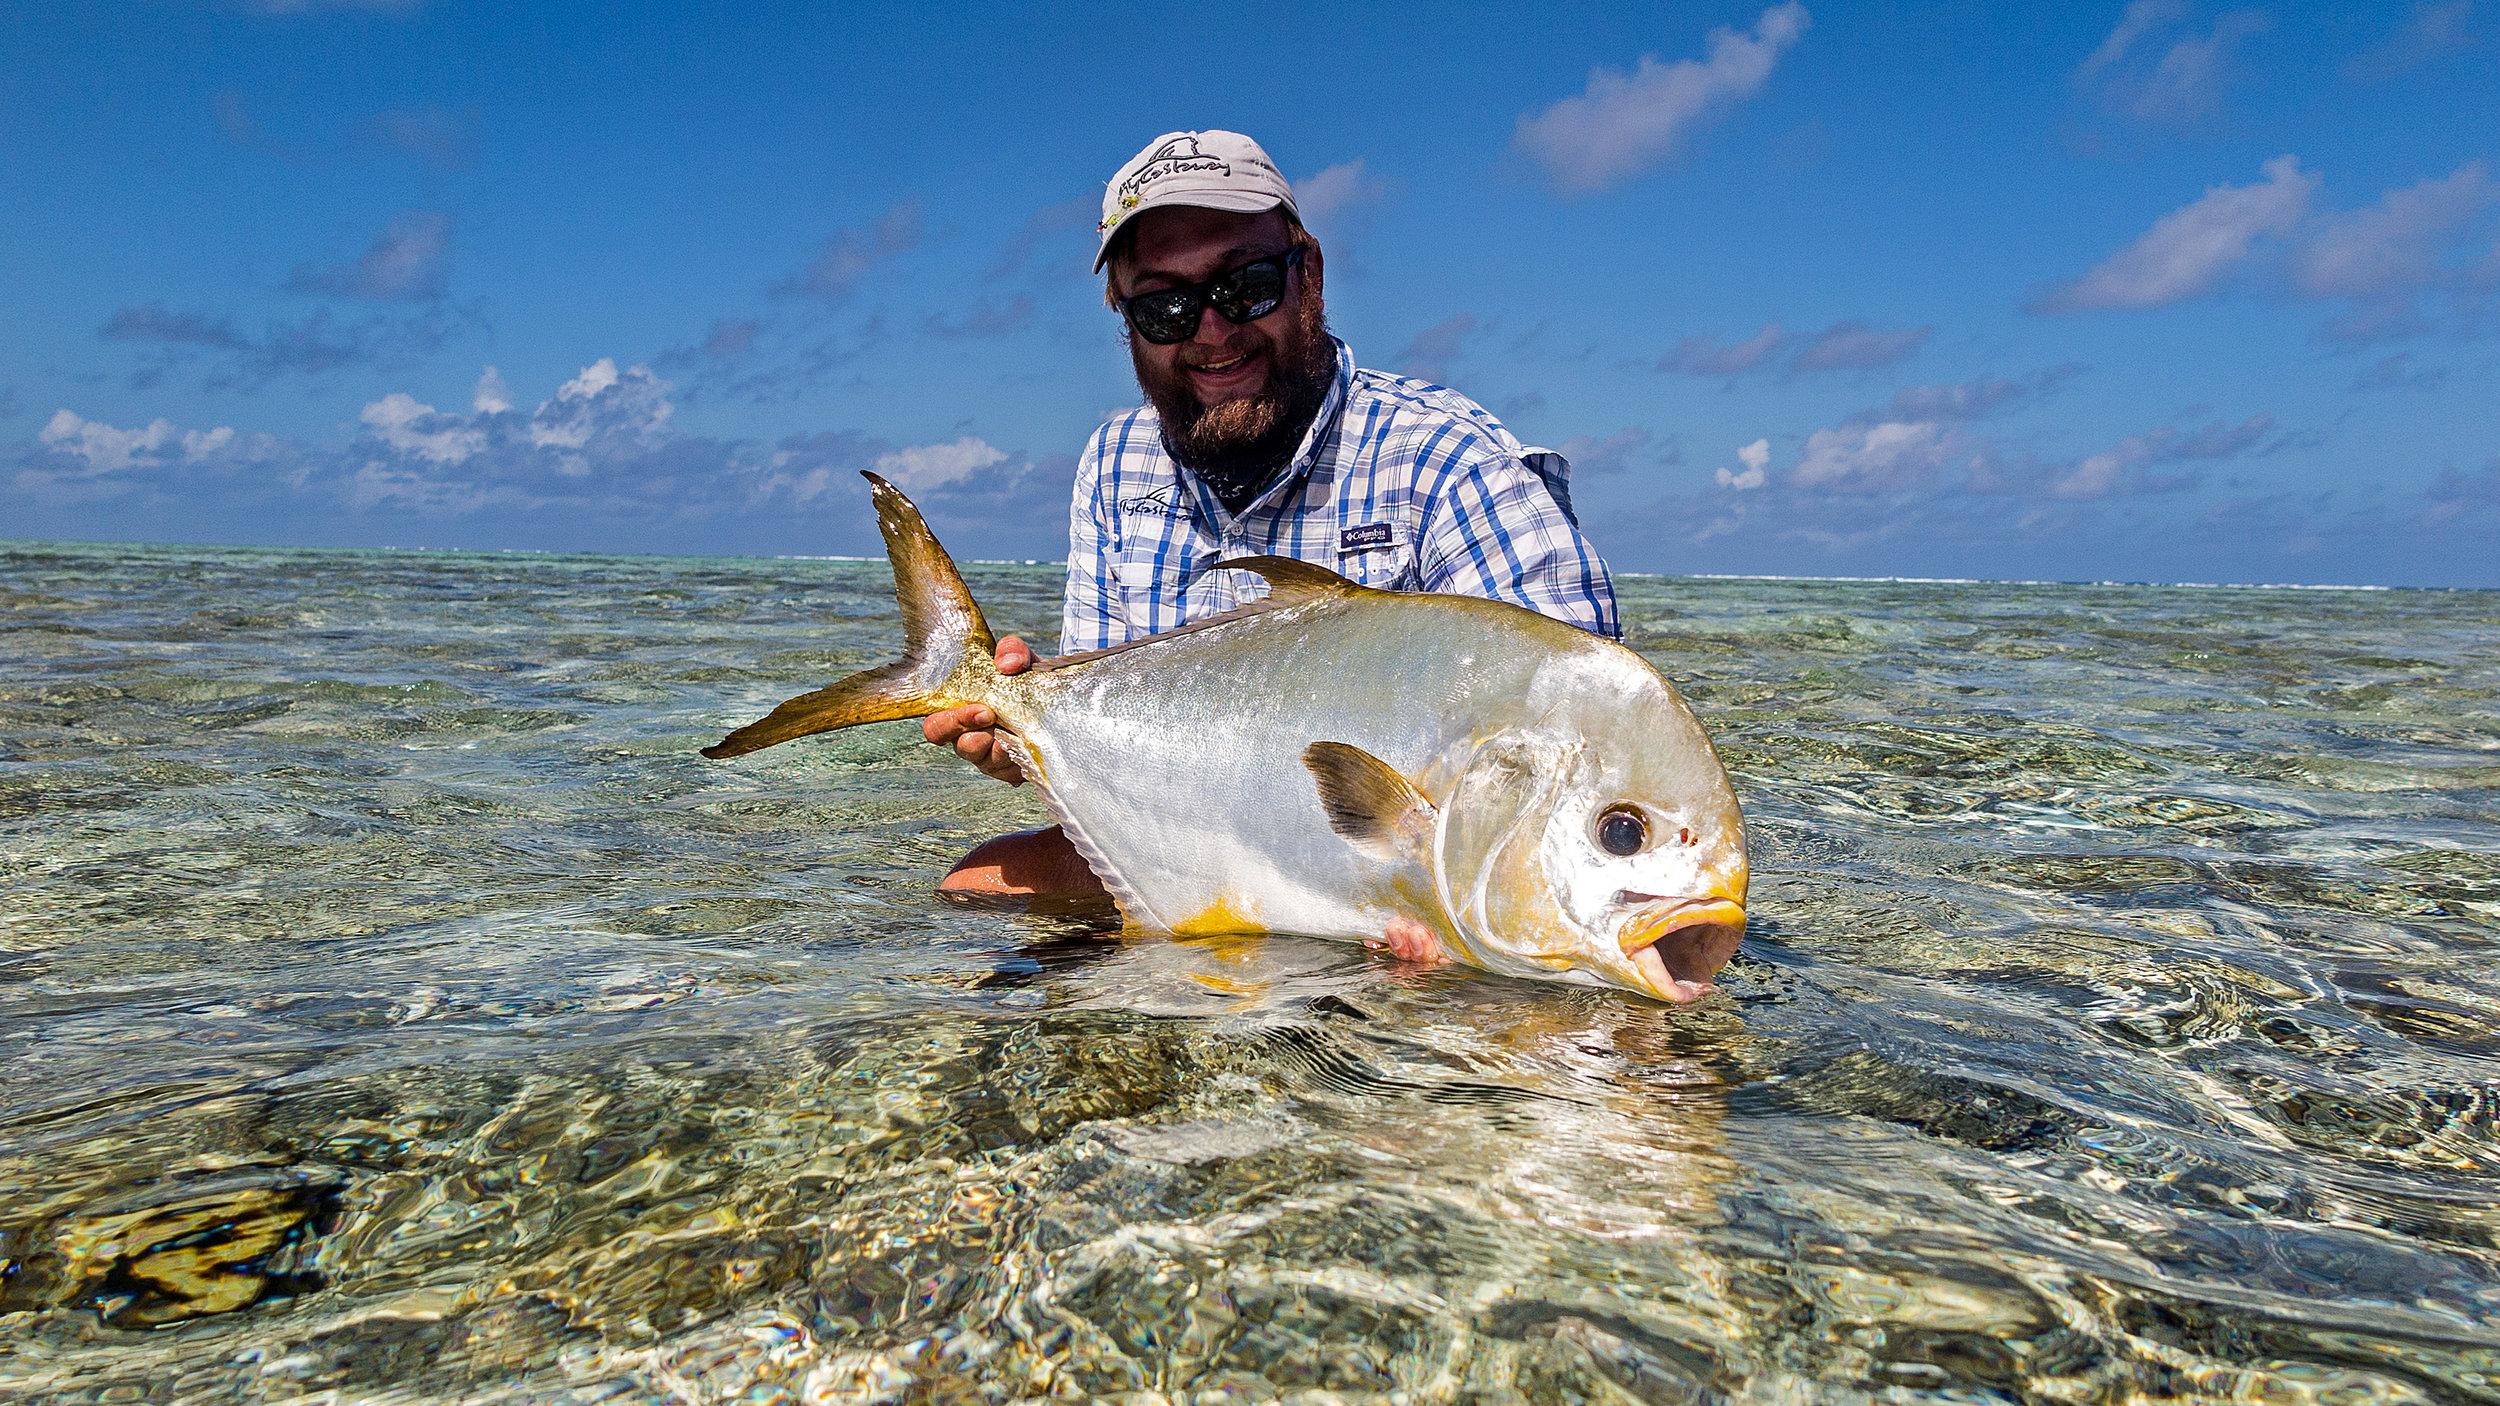 stb-fishing-18.jpg